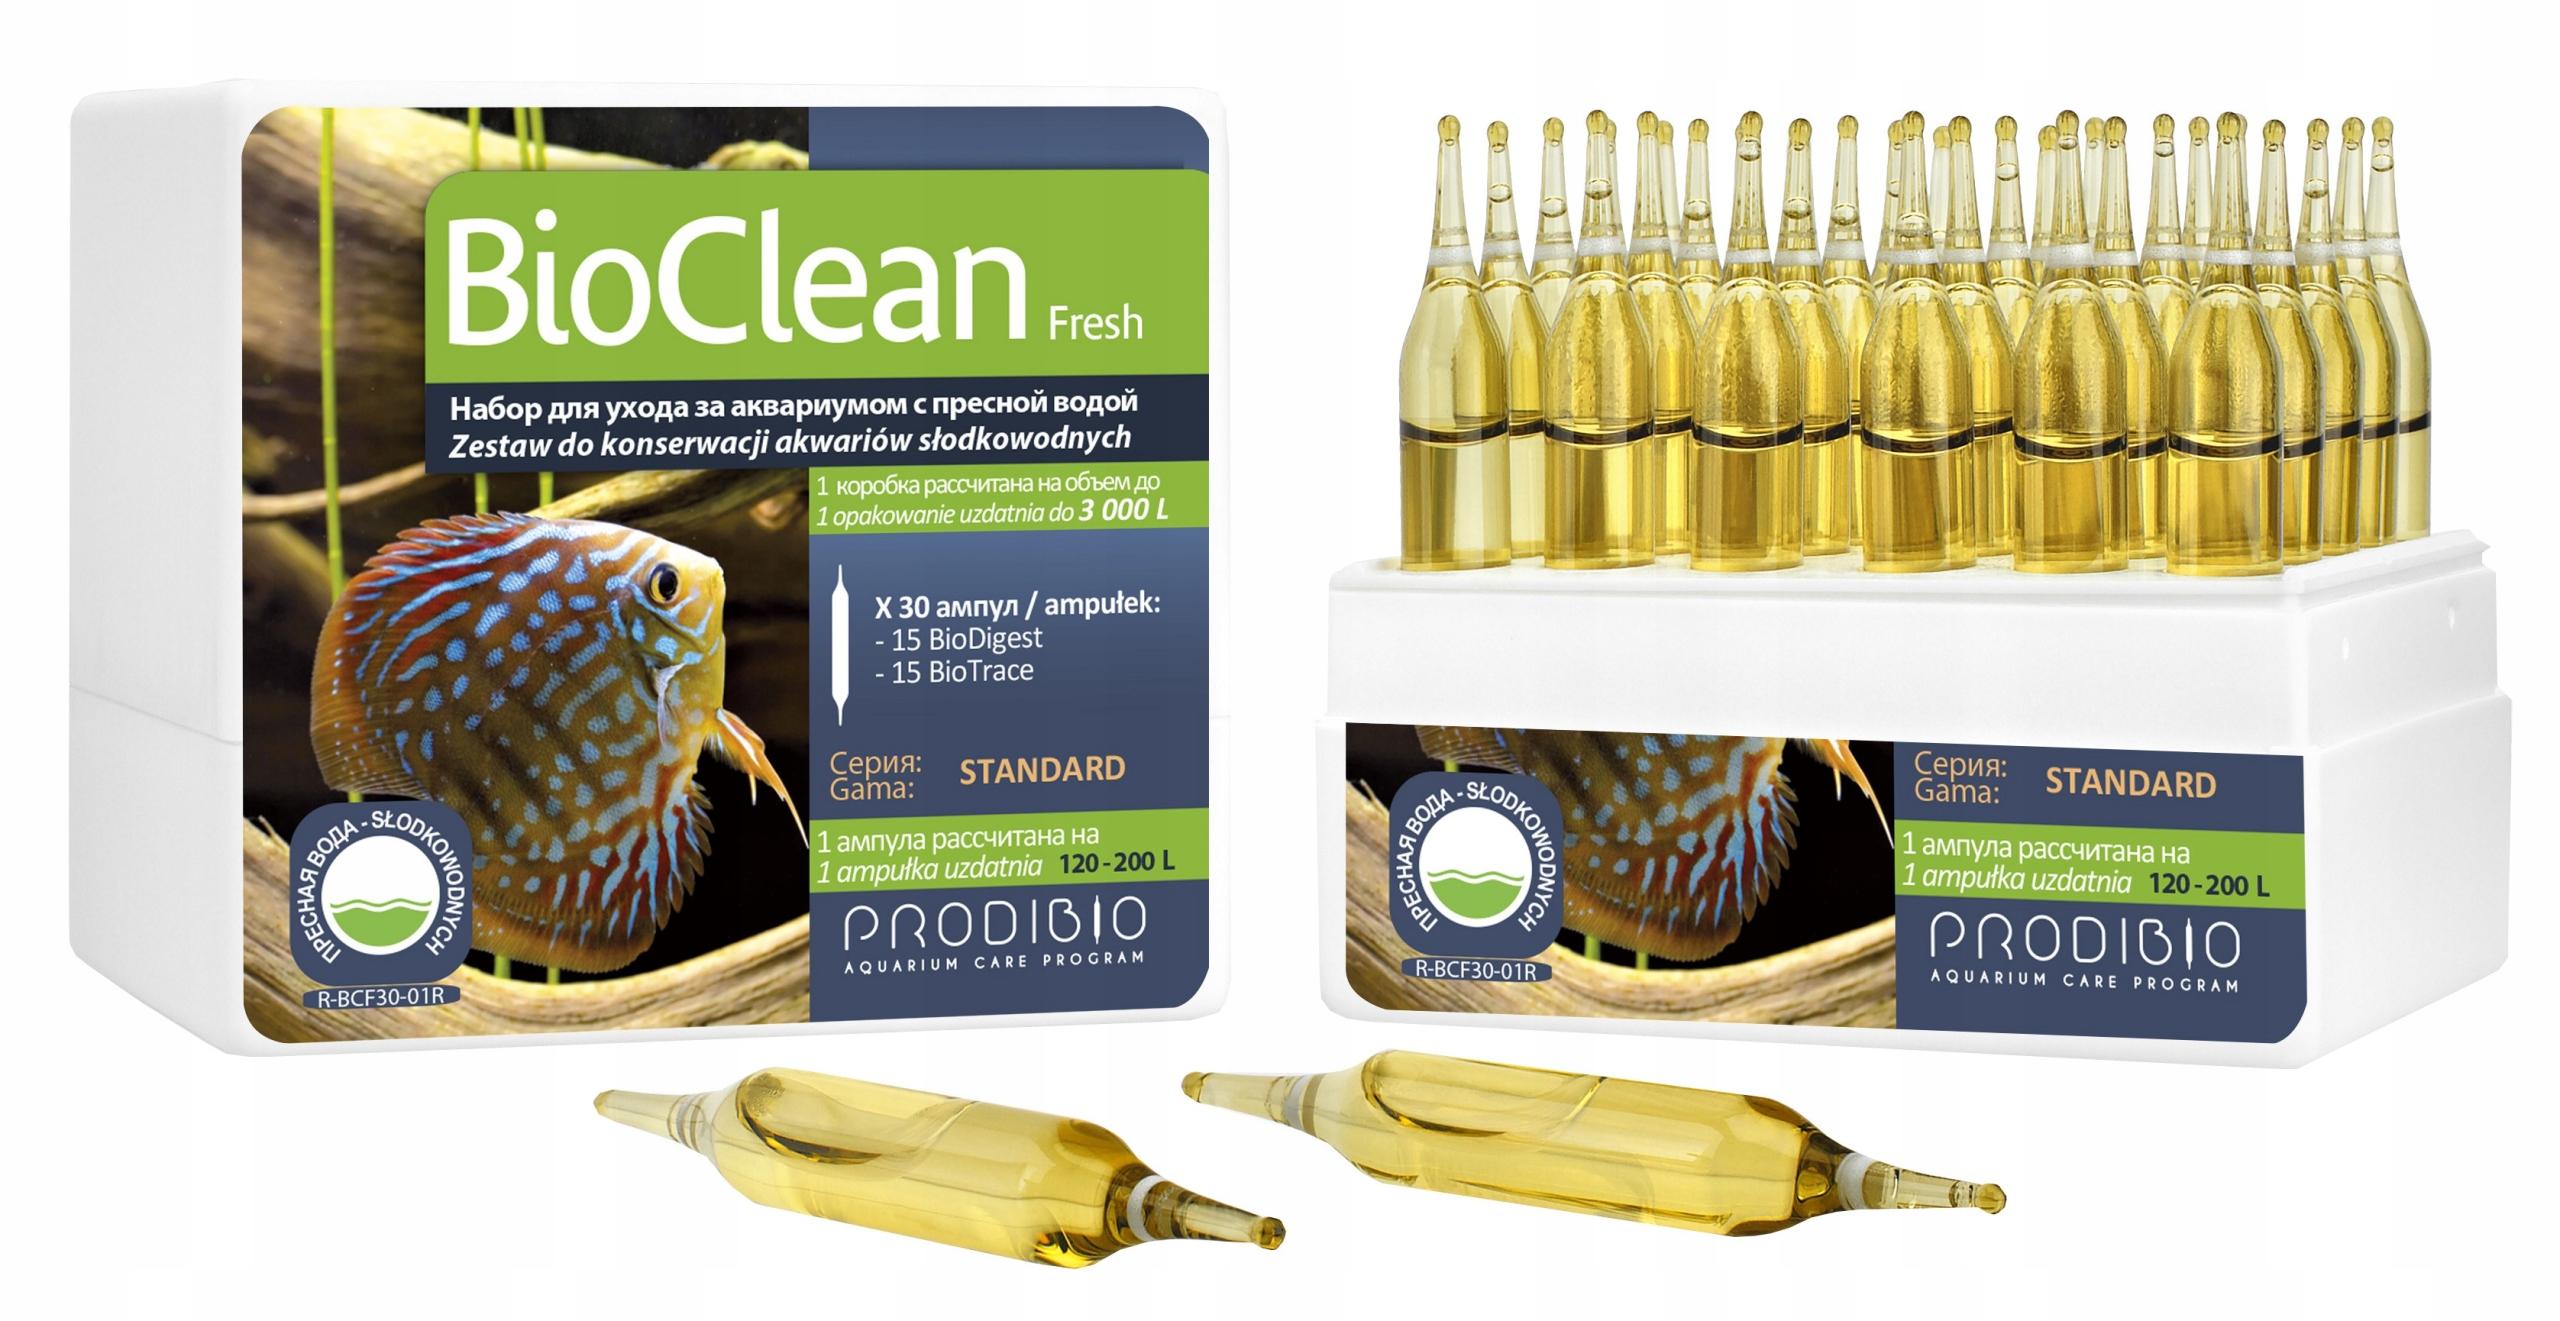 BioClean Čerstvé 30 fľaštičiek PRODIBIO